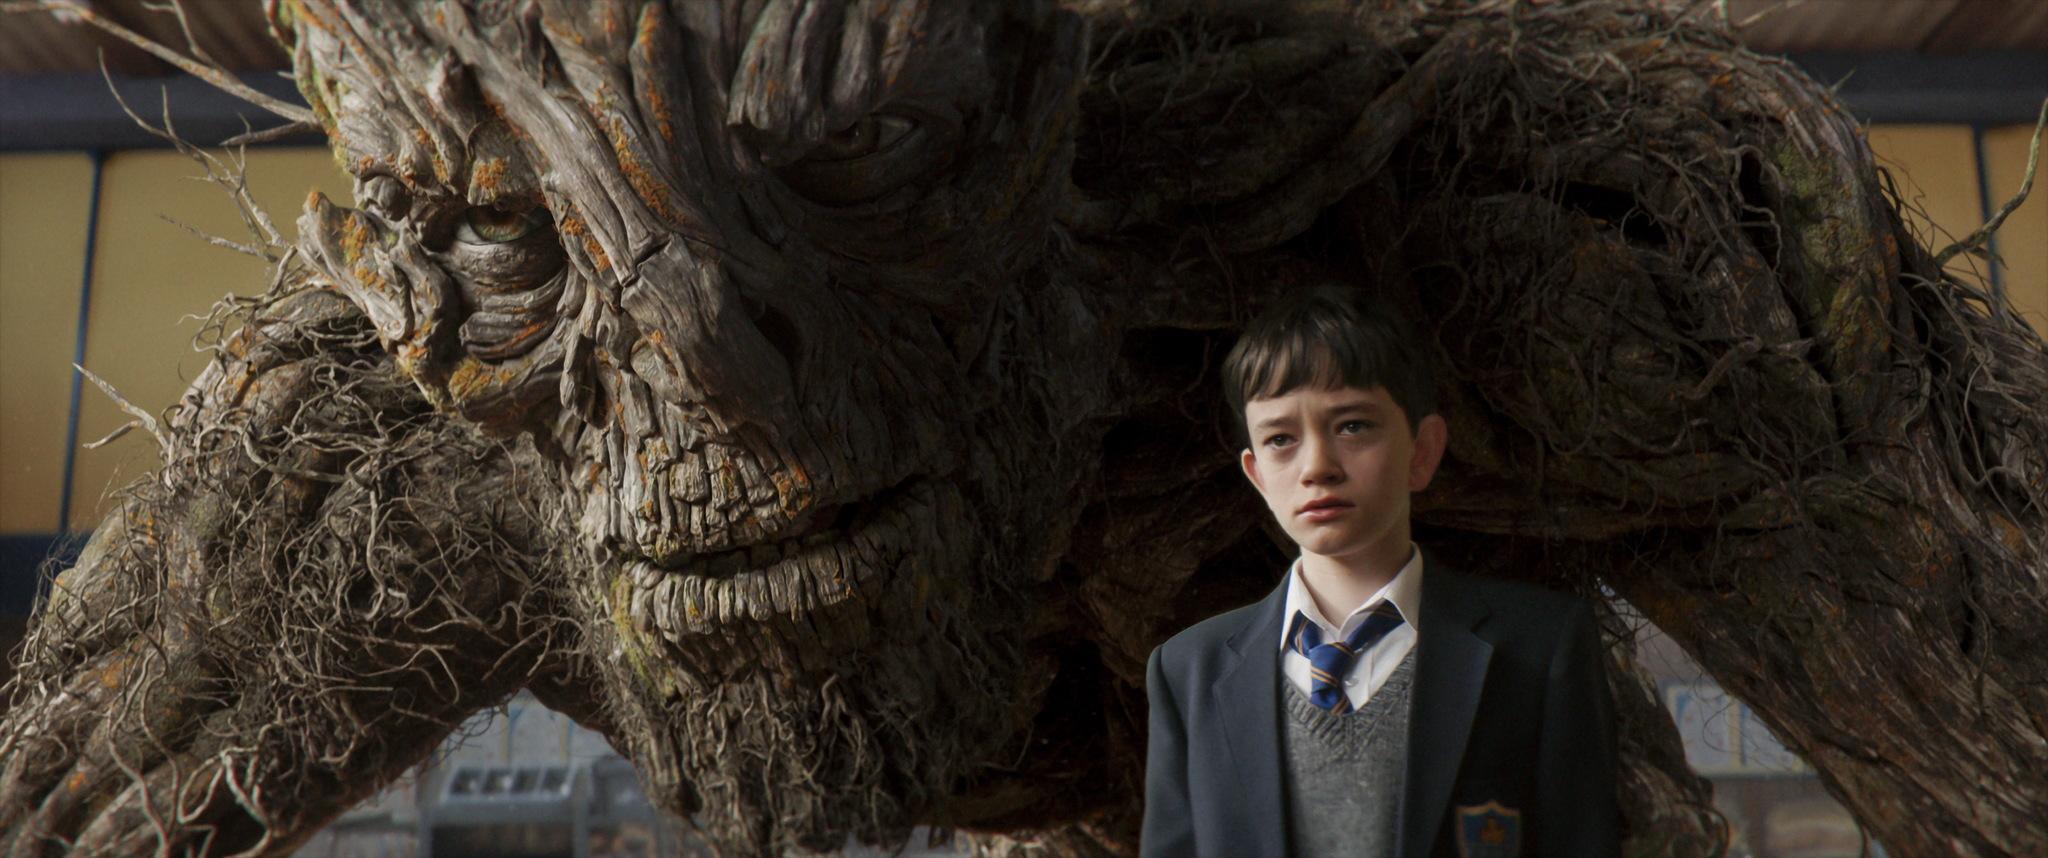 《当怪物来敲门》:以孩童的名义,治愈成年人的烦恼